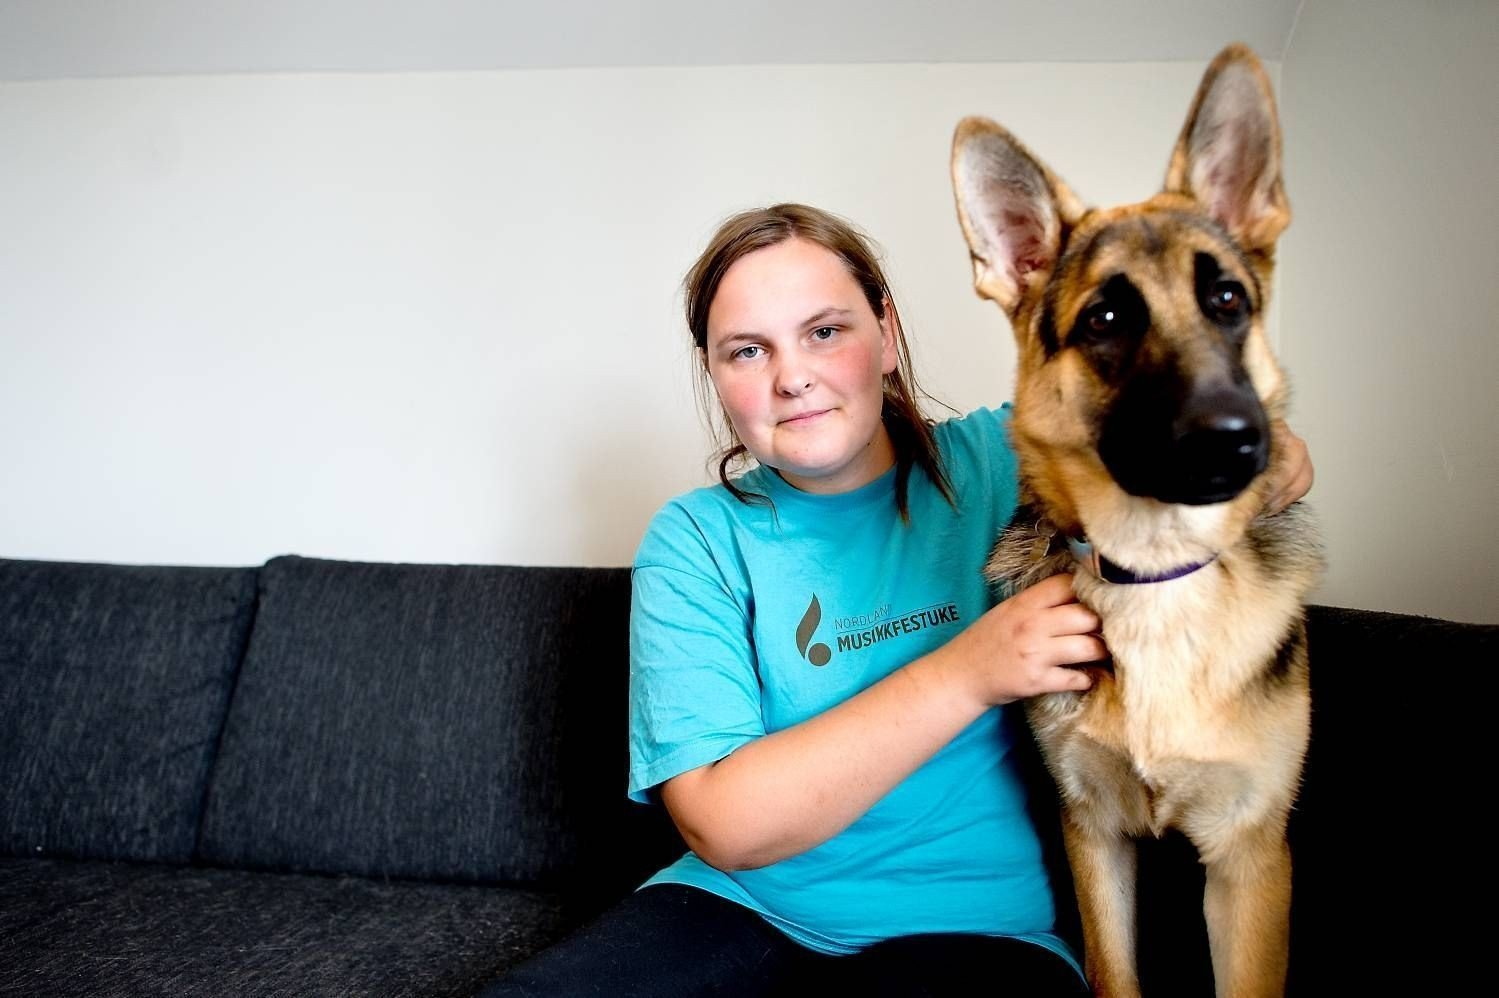 Mari Hanssen (25) med hunden Mika. Hanssen har inntil forrige mandag fått arbeidsavklarings- penger fra NAV. Hun fikk beskjed om at hun ville miste NAV-støtten om hun begynte på hundeskole. Hun mener NAV går helt mot egne prinsipper om å hjelpe folk tilbake i til arbeidslivet.